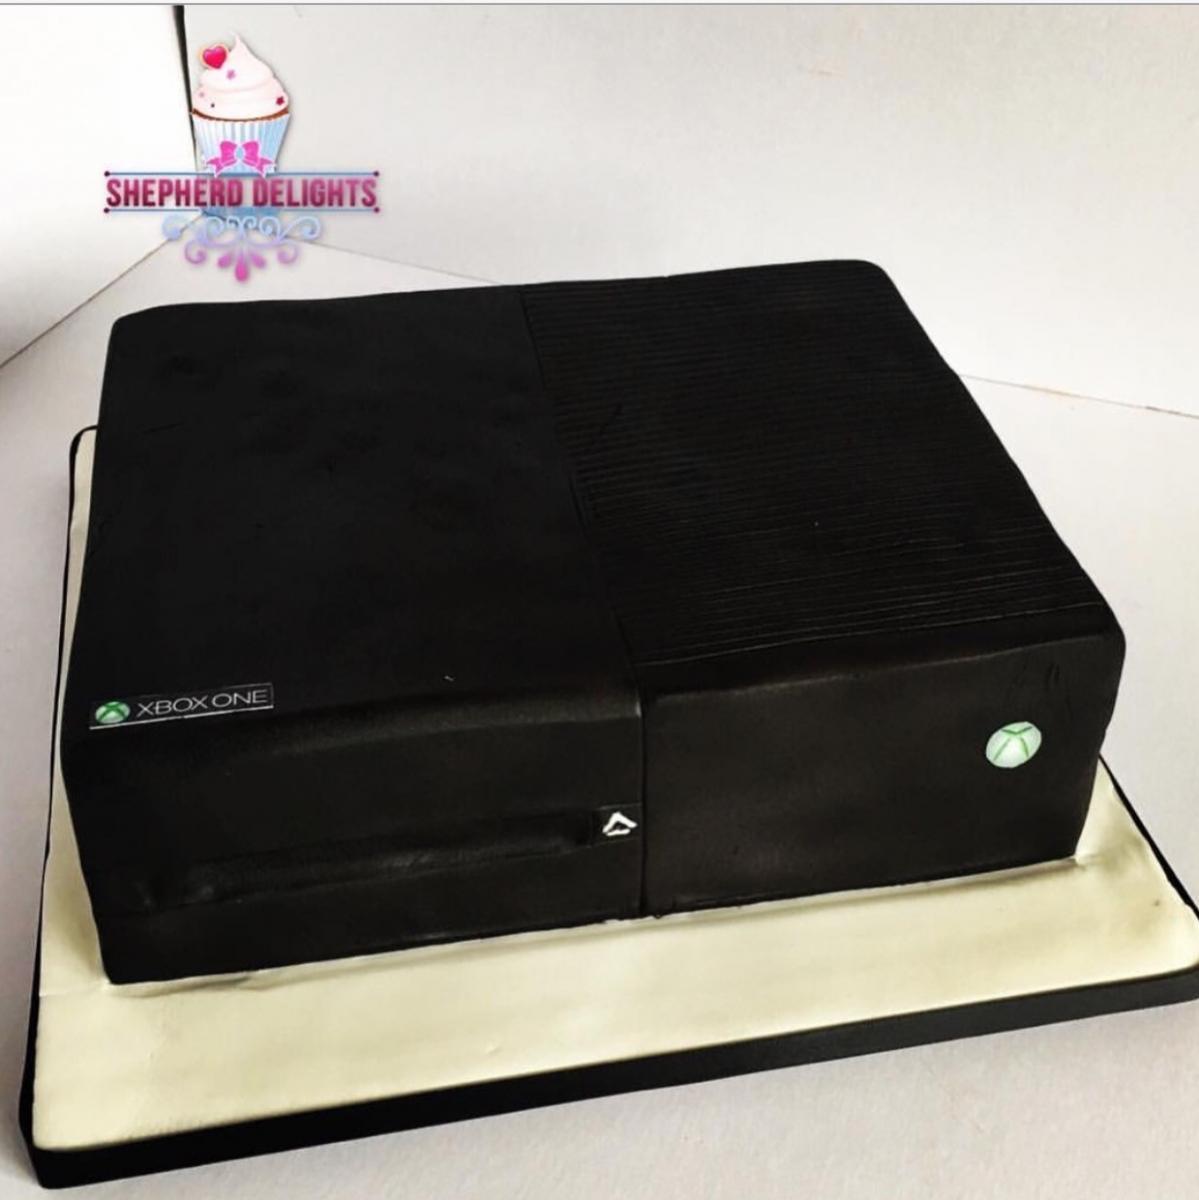 Xbox One Cake Birthday Childrens Novelty Cakes